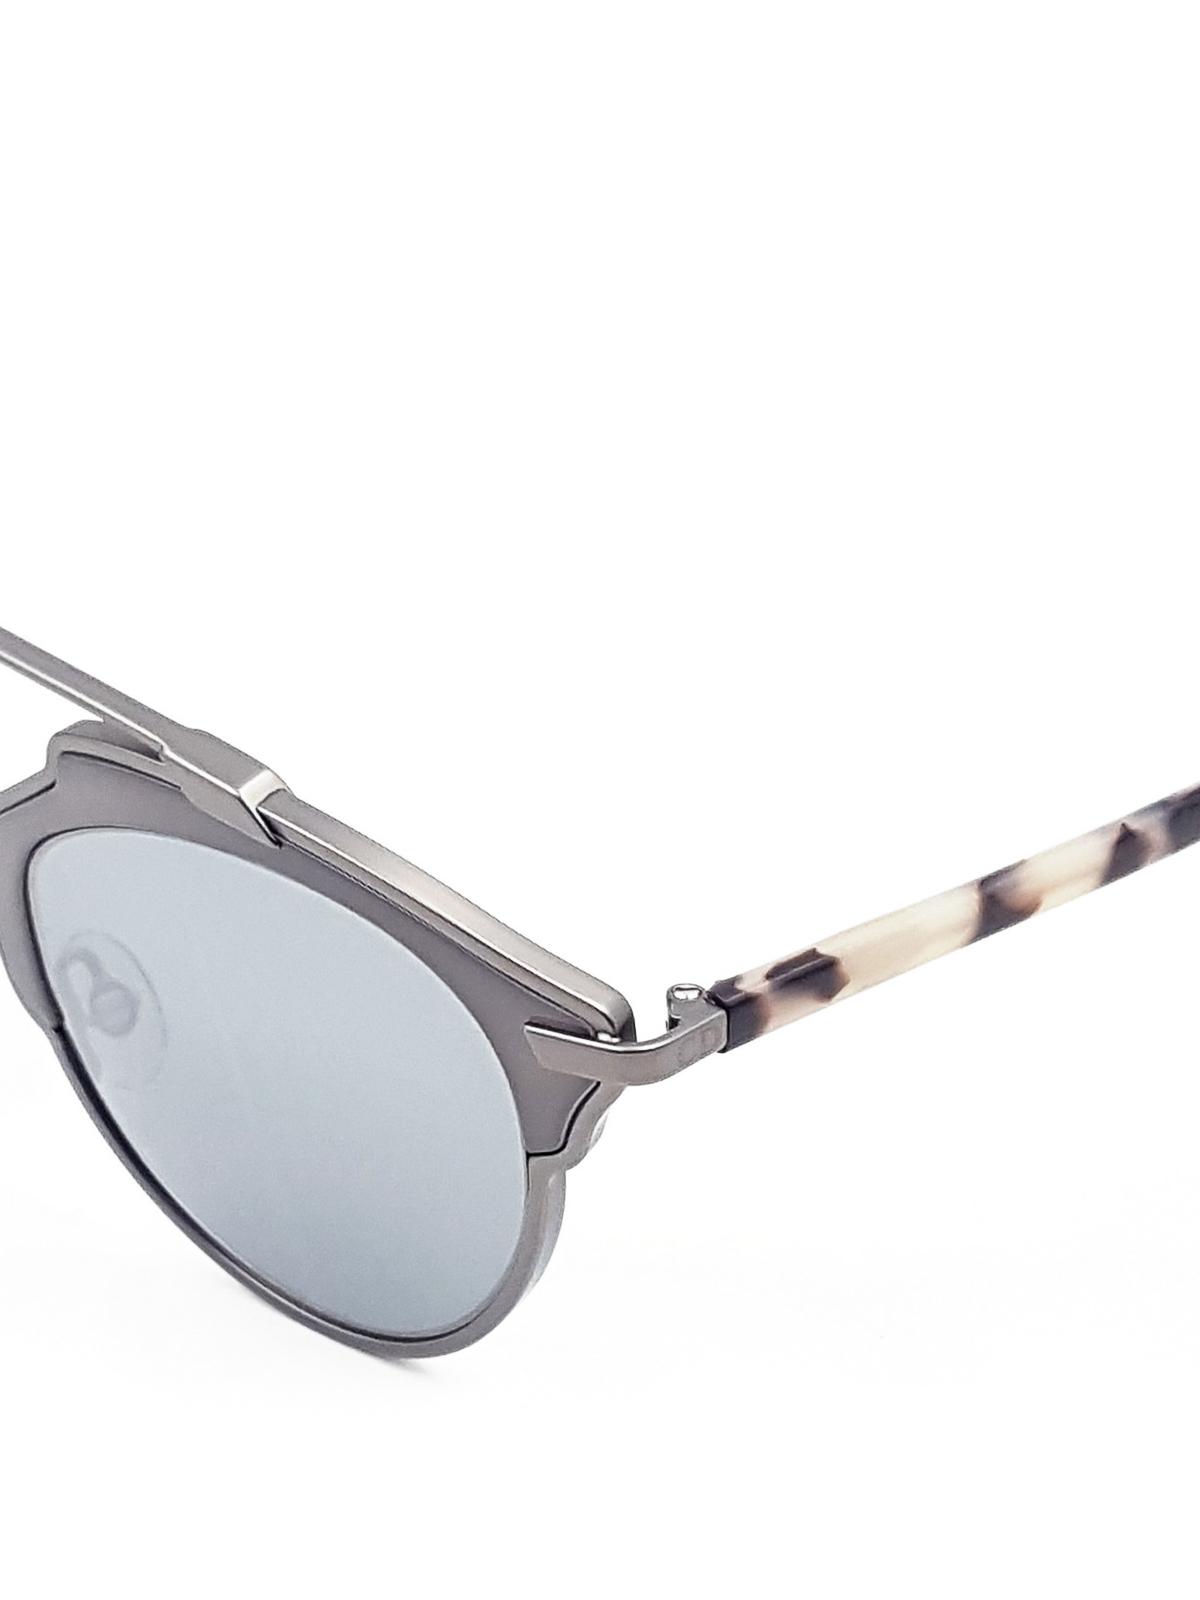 sonnenbrille so real metallic von dior sonnenbrillen. Black Bedroom Furniture Sets. Home Design Ideas